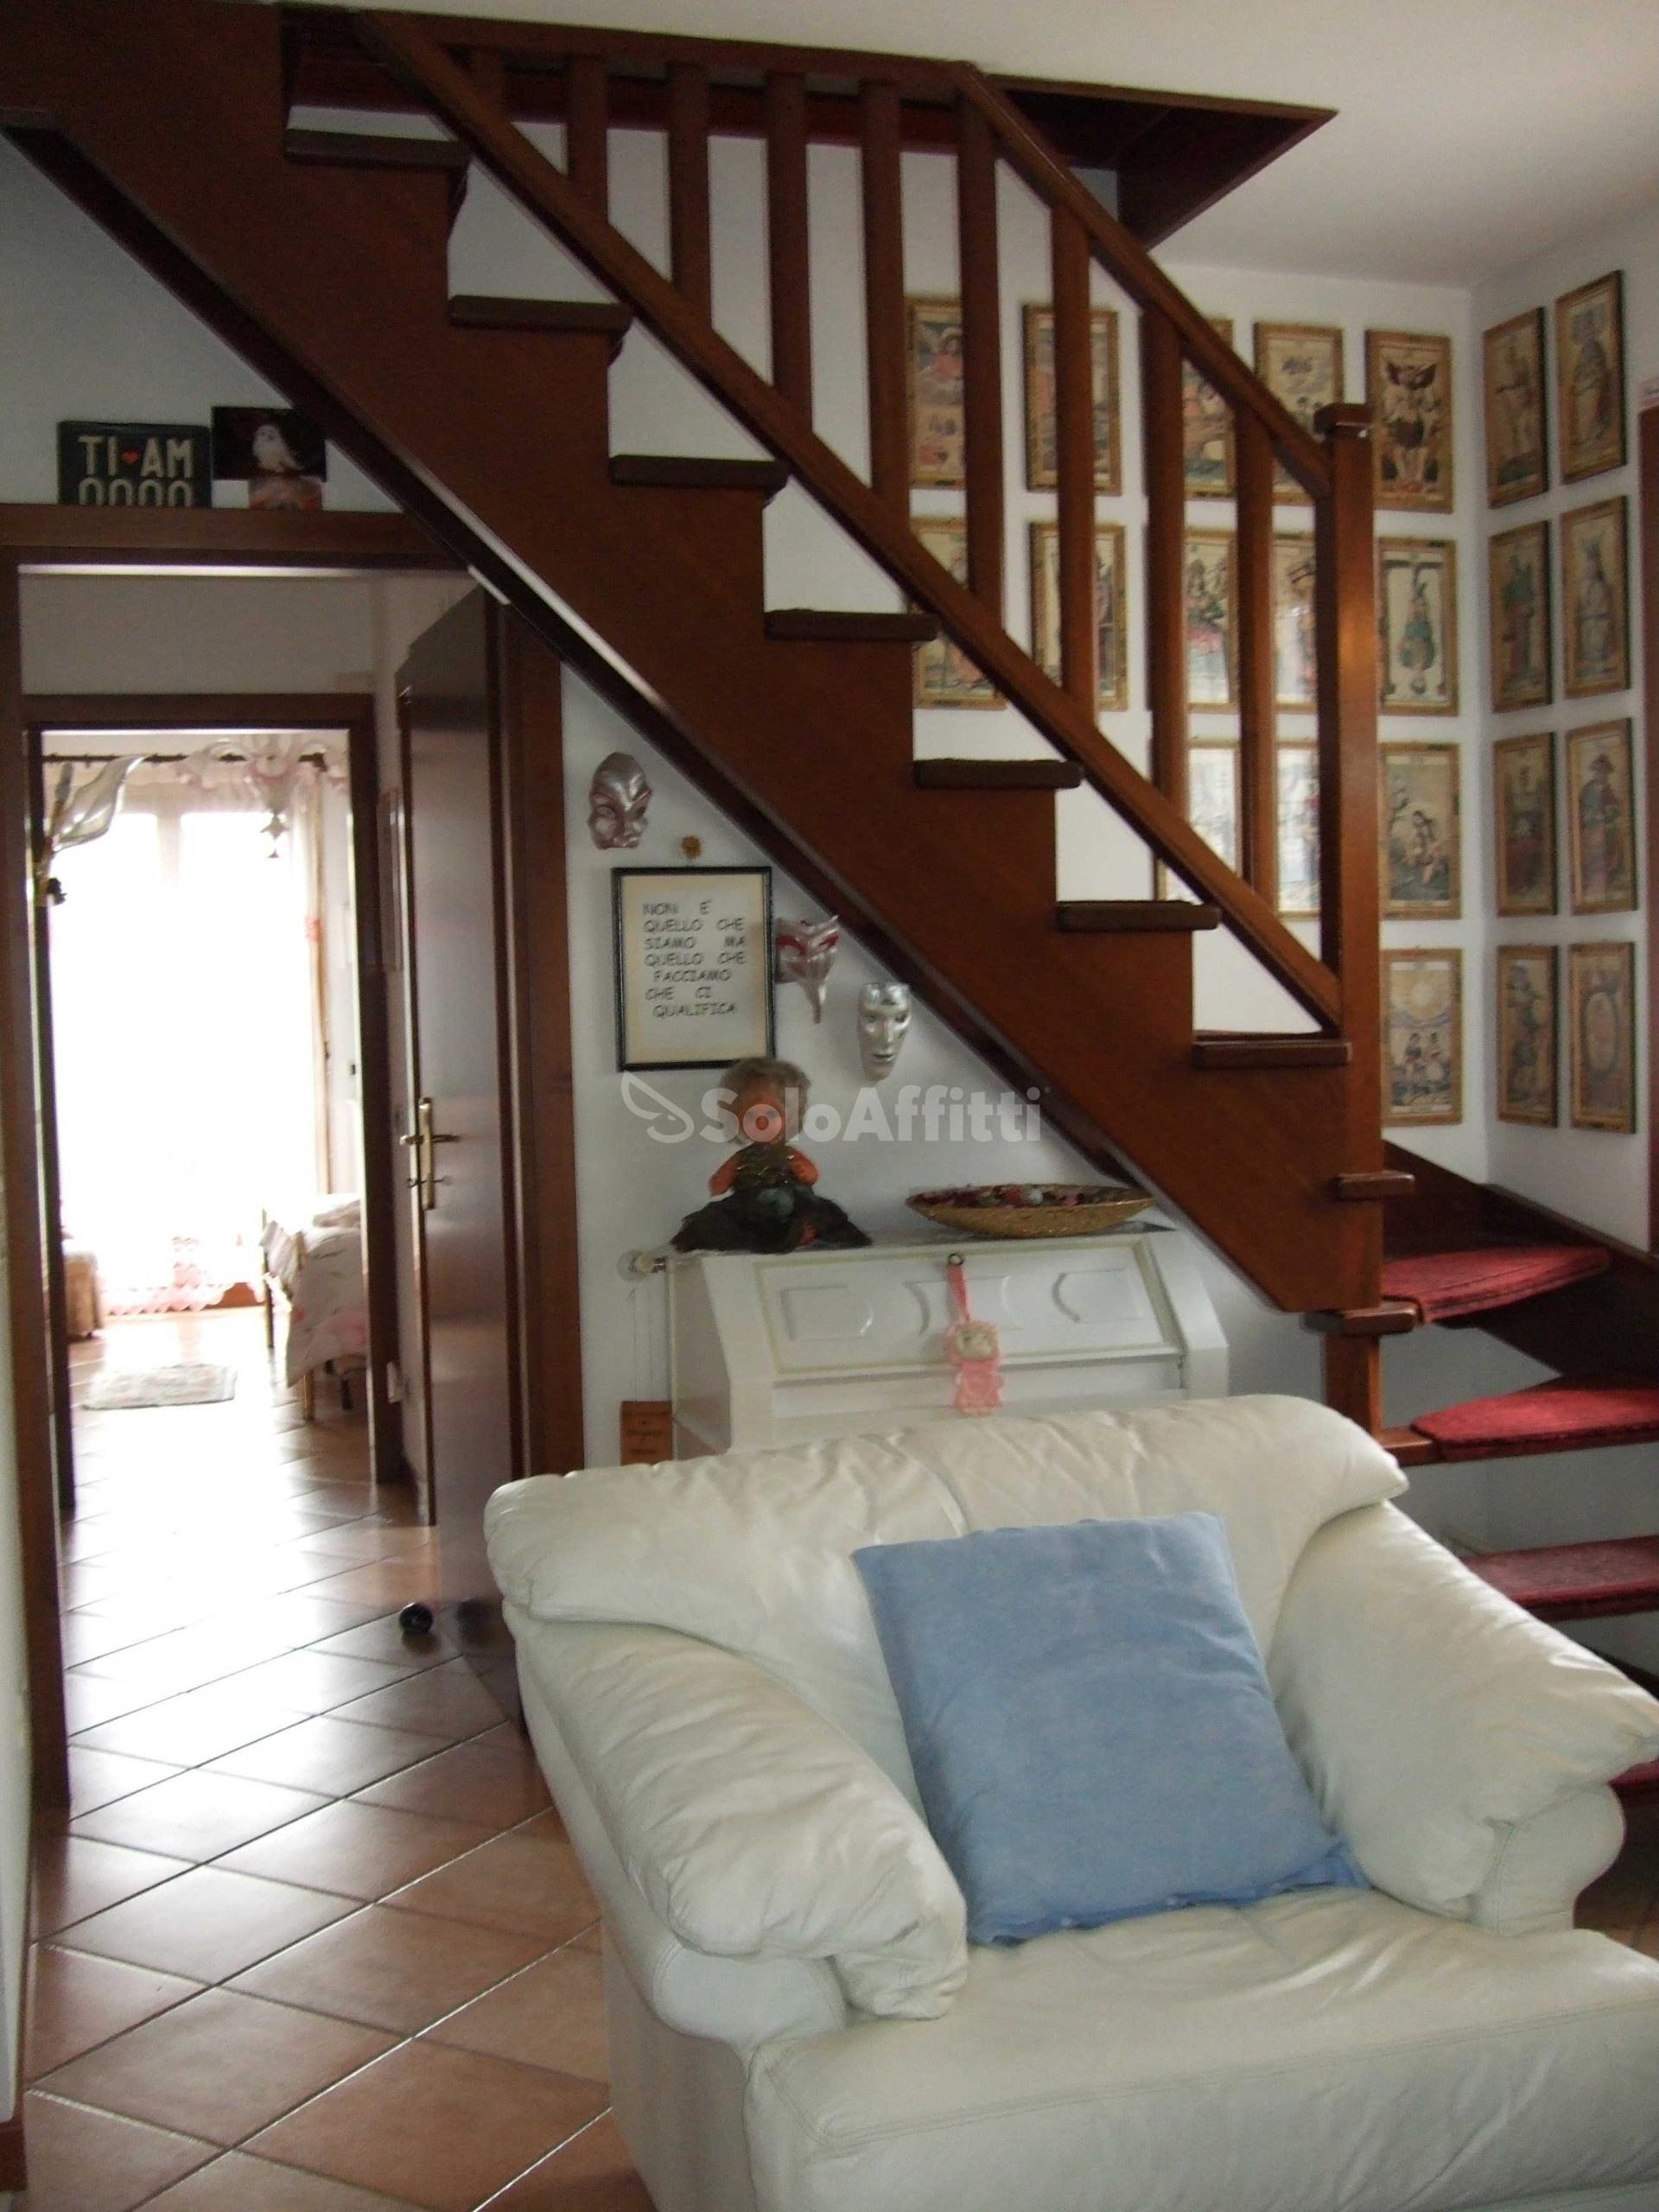 12 salotto con scala per mansarda.jpg